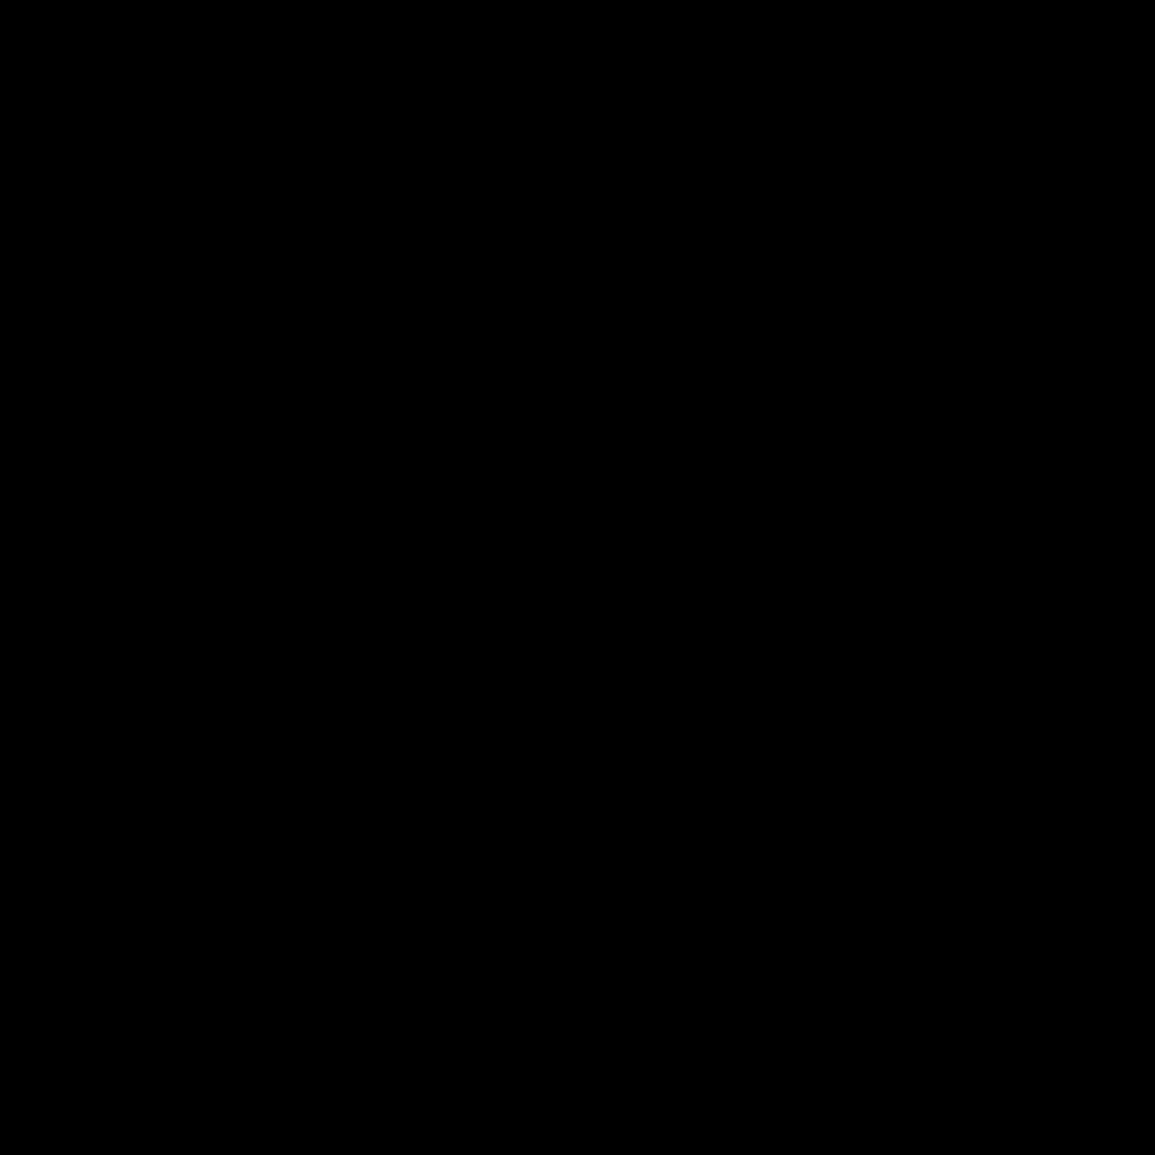 ゴナ U かなC UNAG-C 字形見本